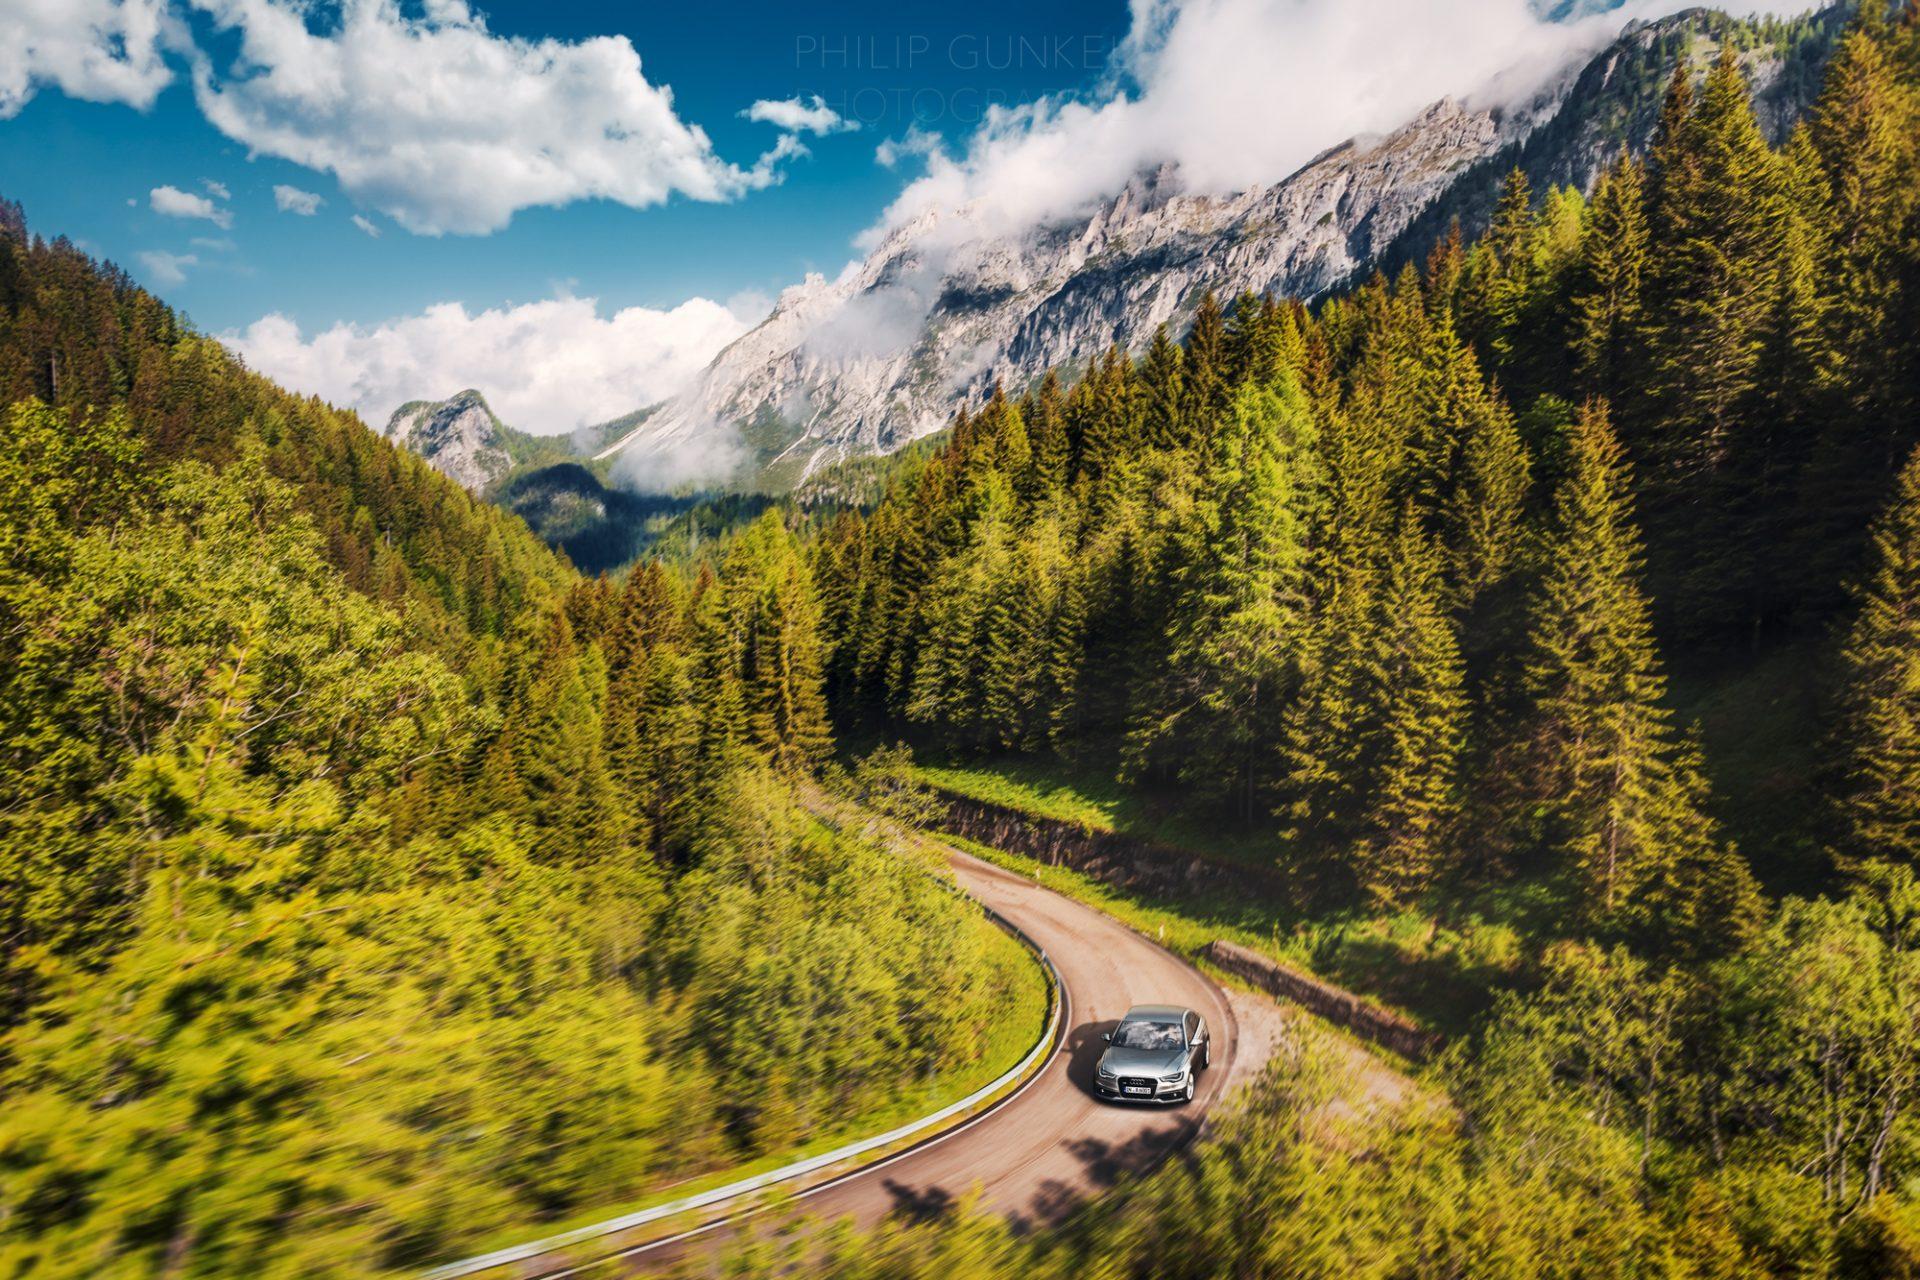 Audi-A6-2.0-TDI-Ultra_Philip-Gunkel-3